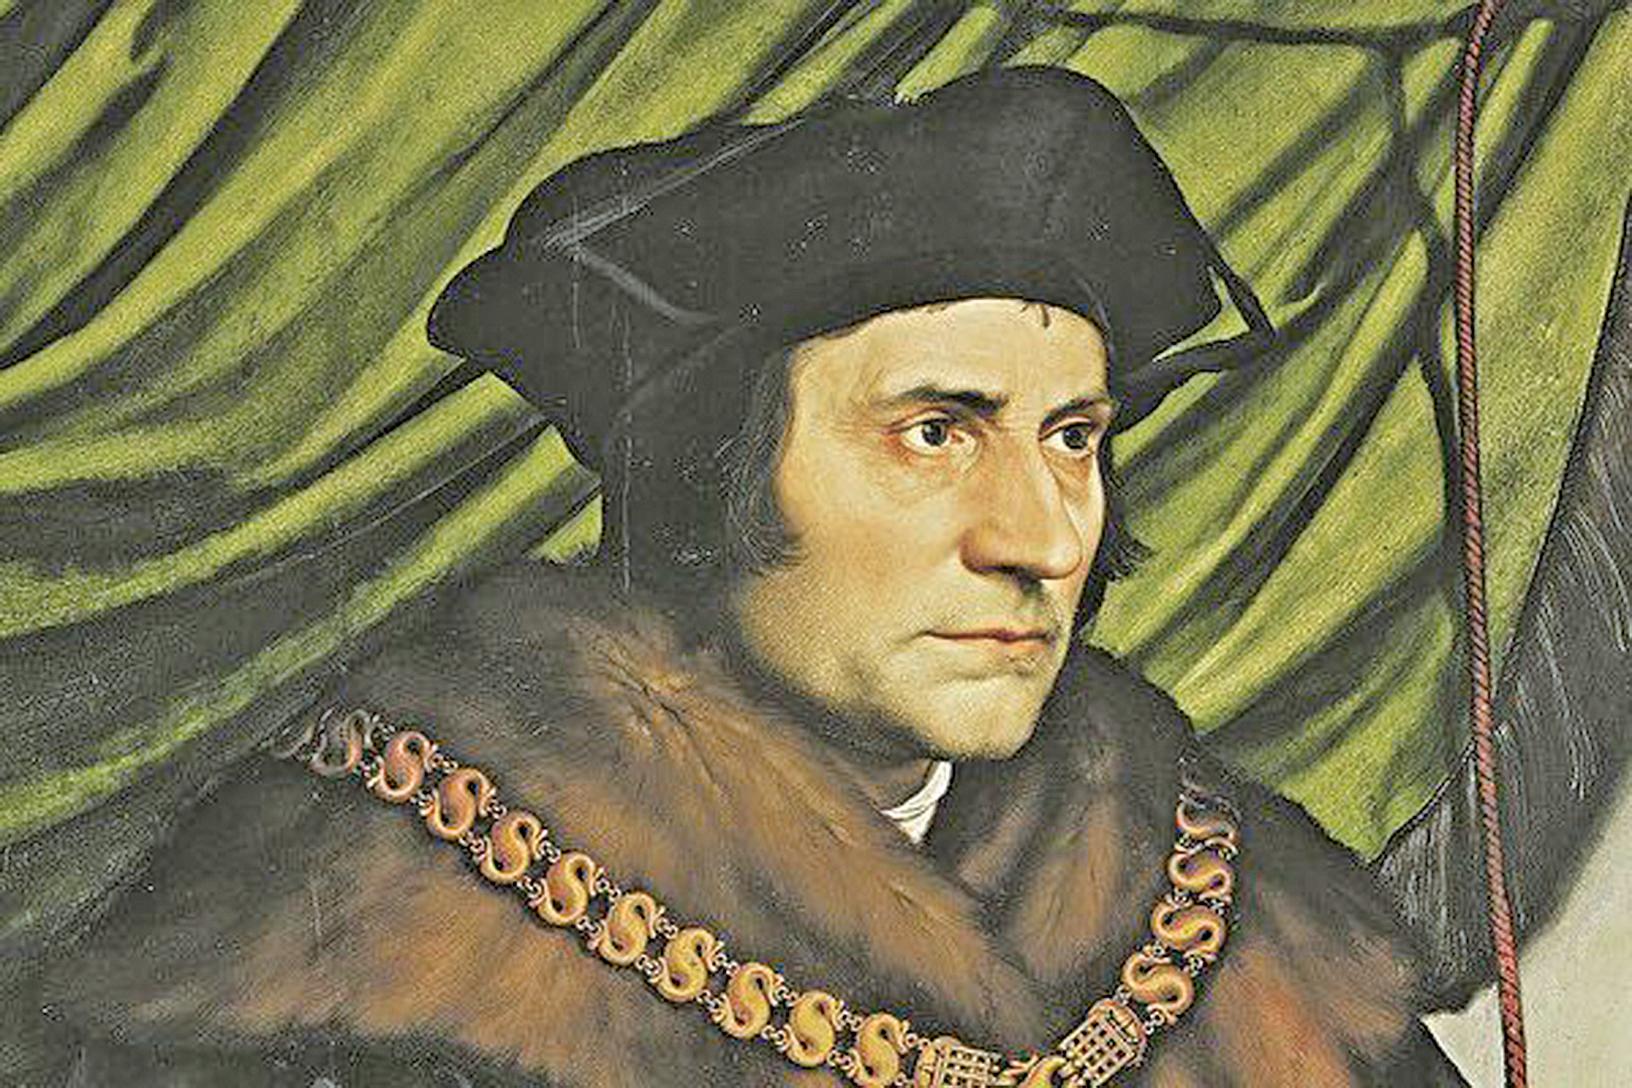 托馬斯•莫爾(Thomas More),英國政治家、作家、哲學家,1516年用拉丁文寫成《烏托邦》(維基百科公共領域)